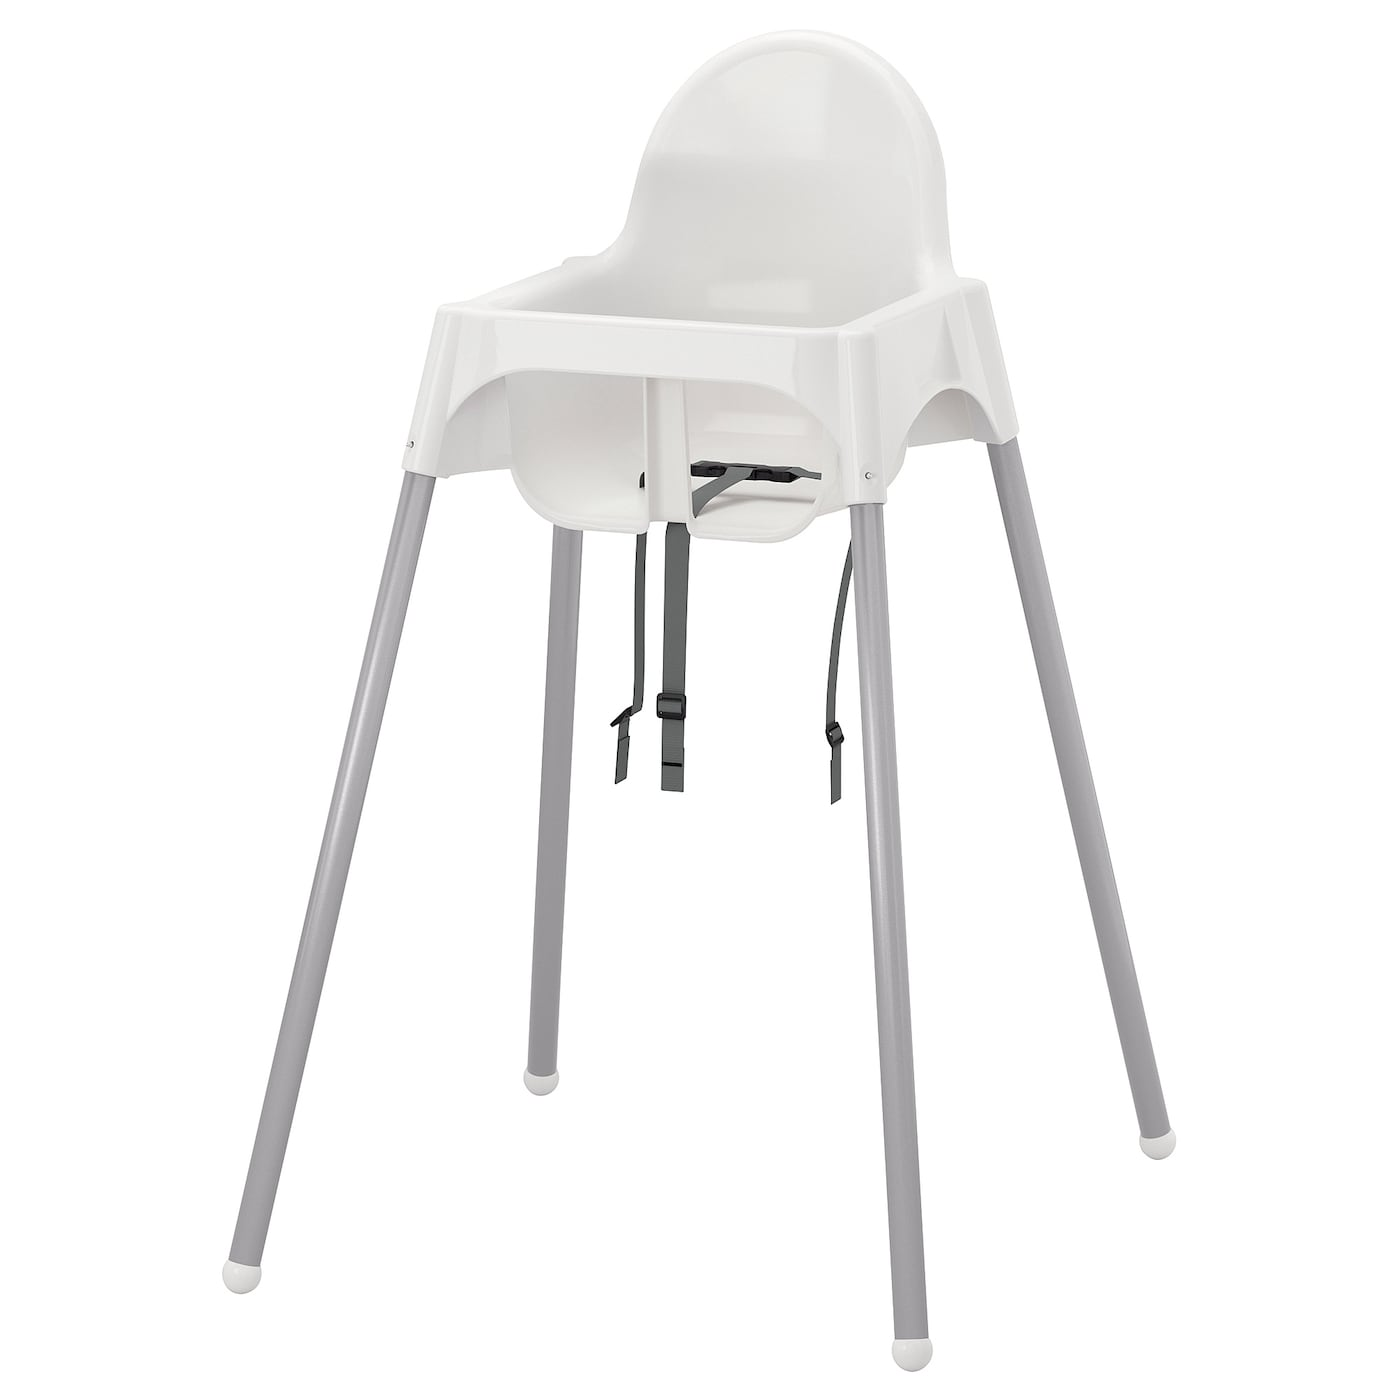 wei/ß und silber Kinderhochstuhl Antilop von Ikea mit Tablett und Sicherheitsgurt komplett mit Sitzkissen